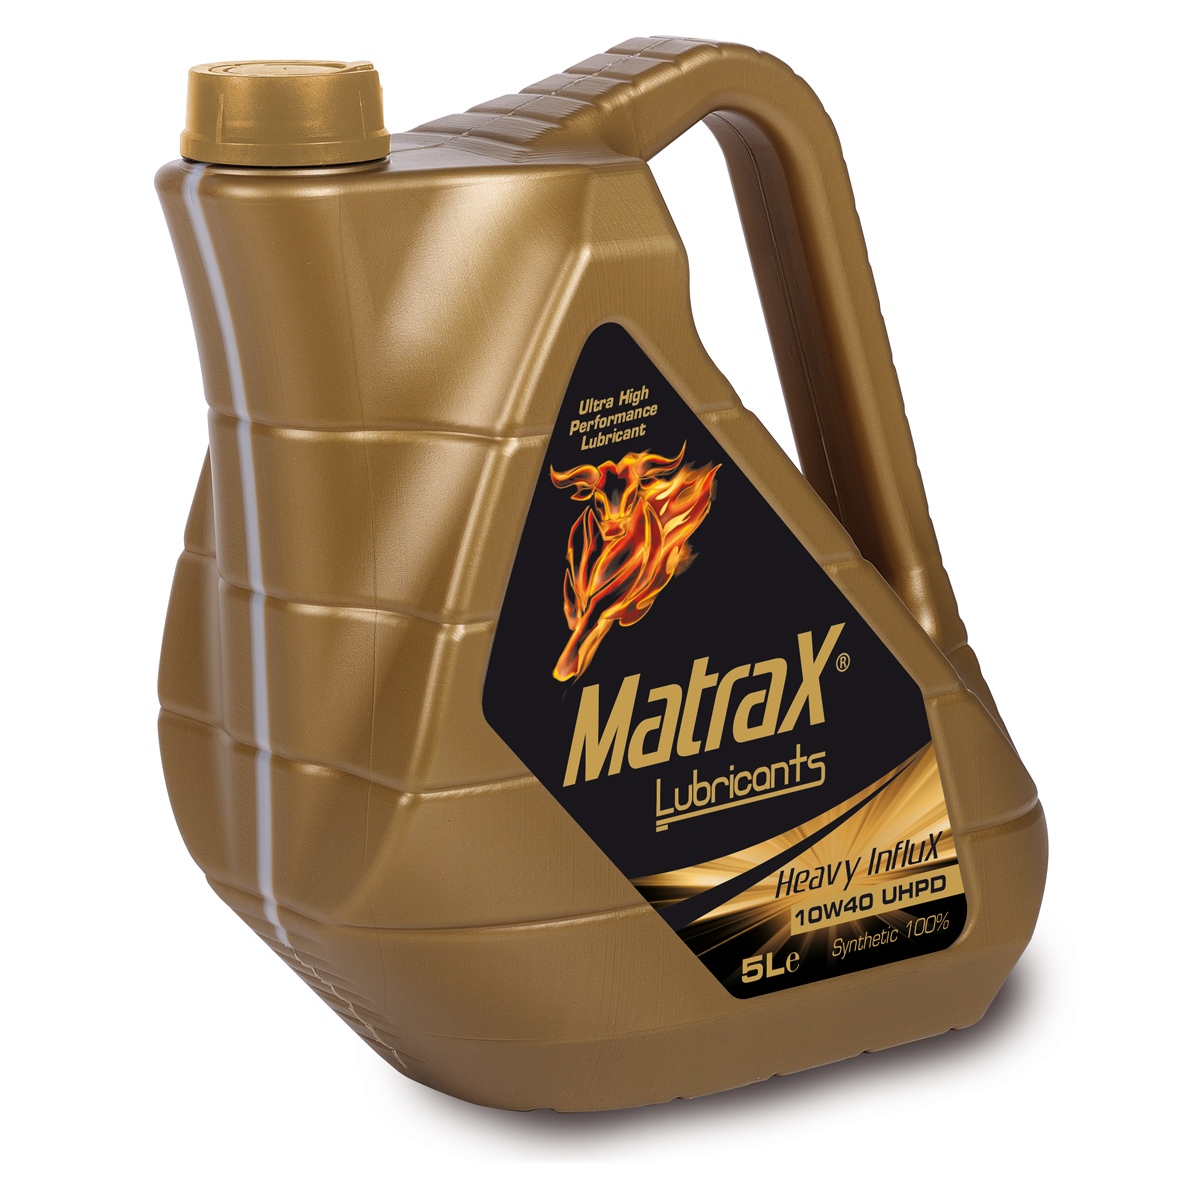 matrax-lubricants-heavy-influx-10w40-UHPD-5l